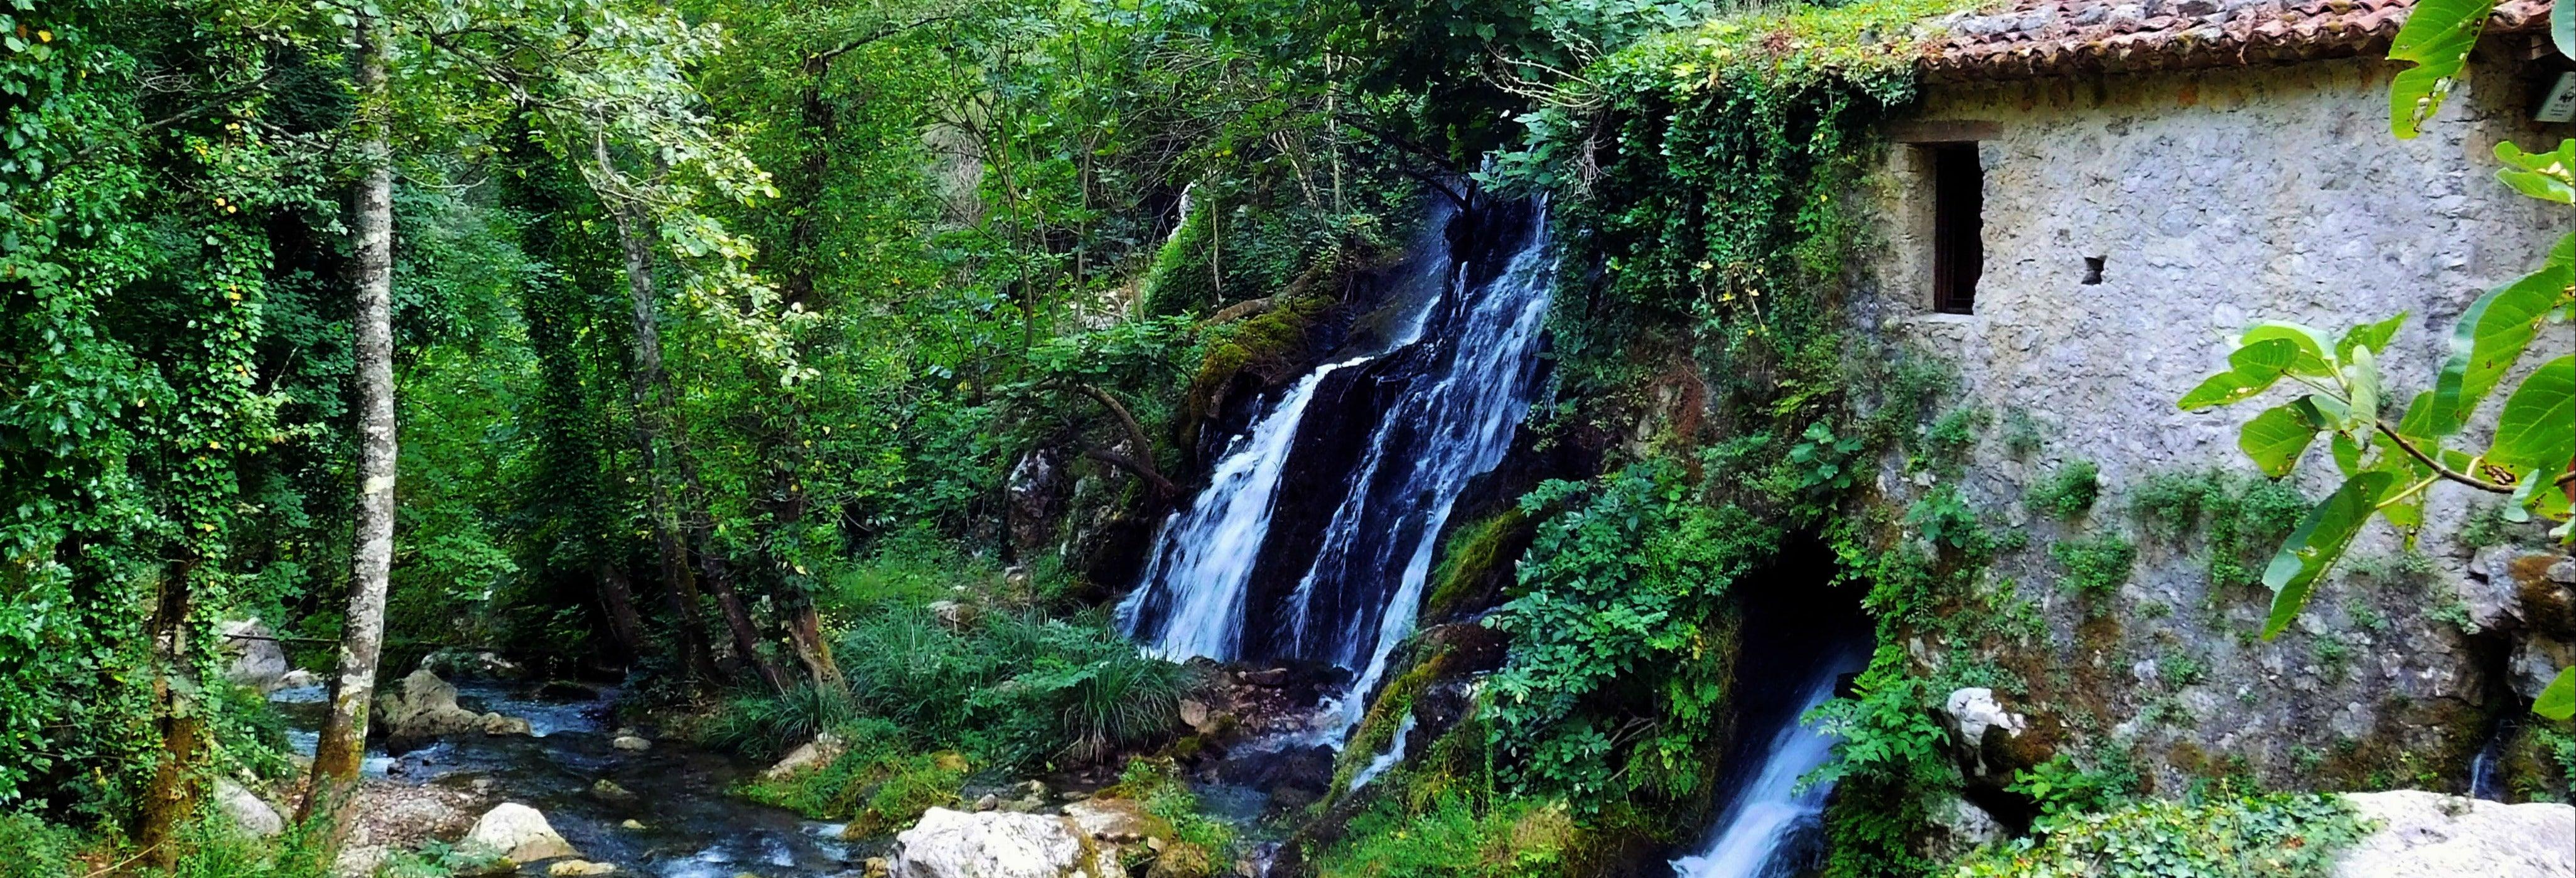 Excursion à l'Oasis de Morigerati